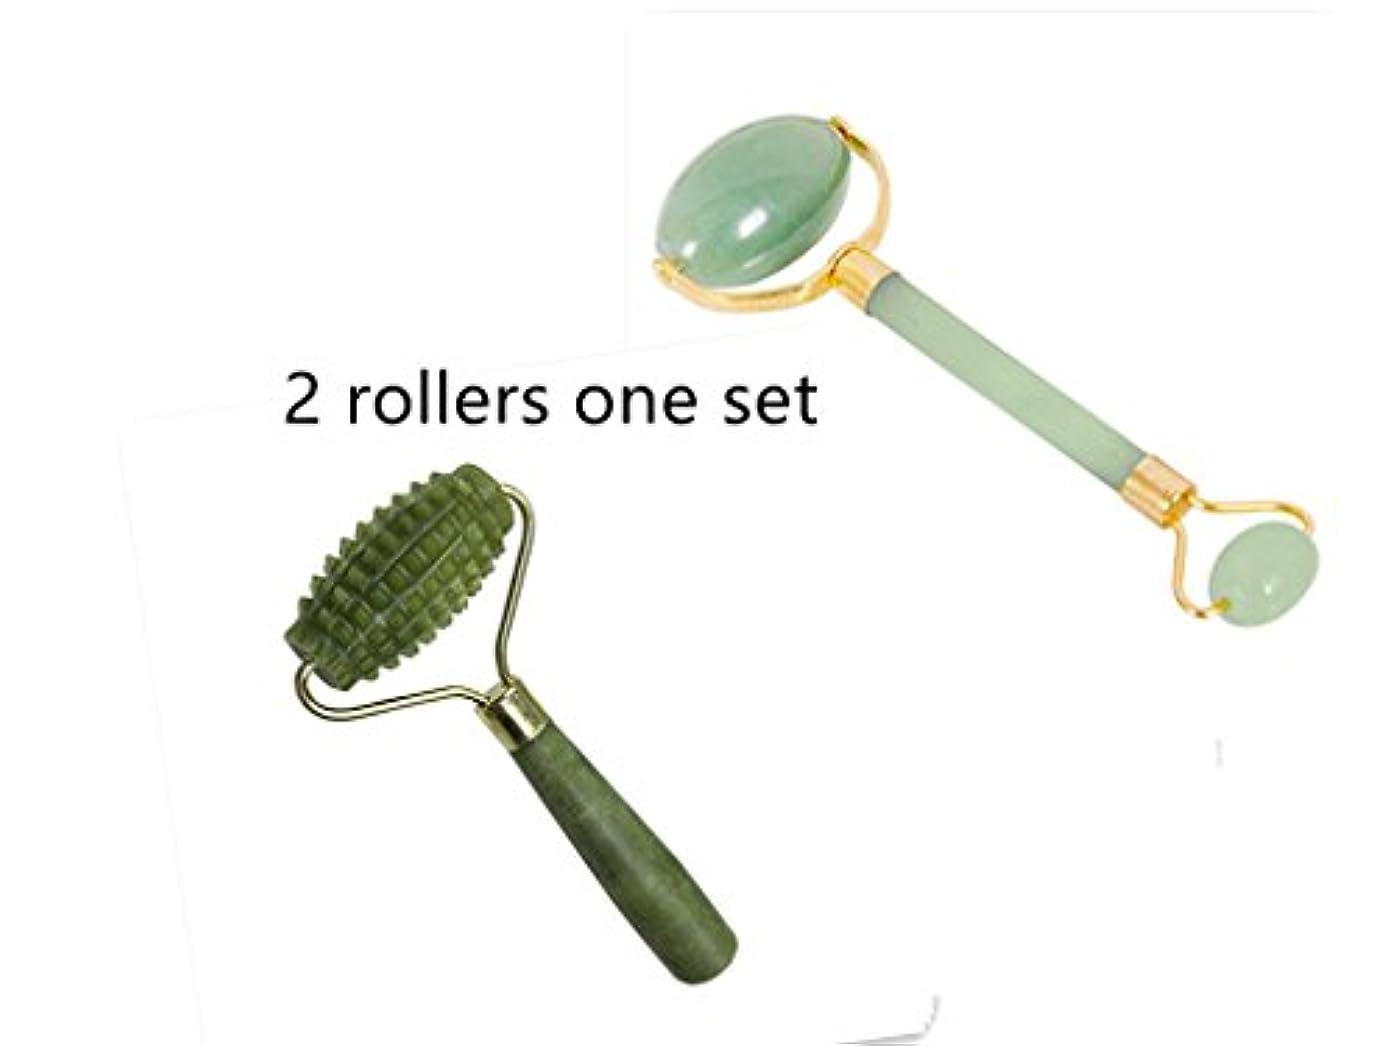 好みせっかちフェンスEcho & Kern 2点翡翠フェイスマッサジギザギザ付きでローラー 2pcs one set Double head Jade Roller and one single head Jade roller